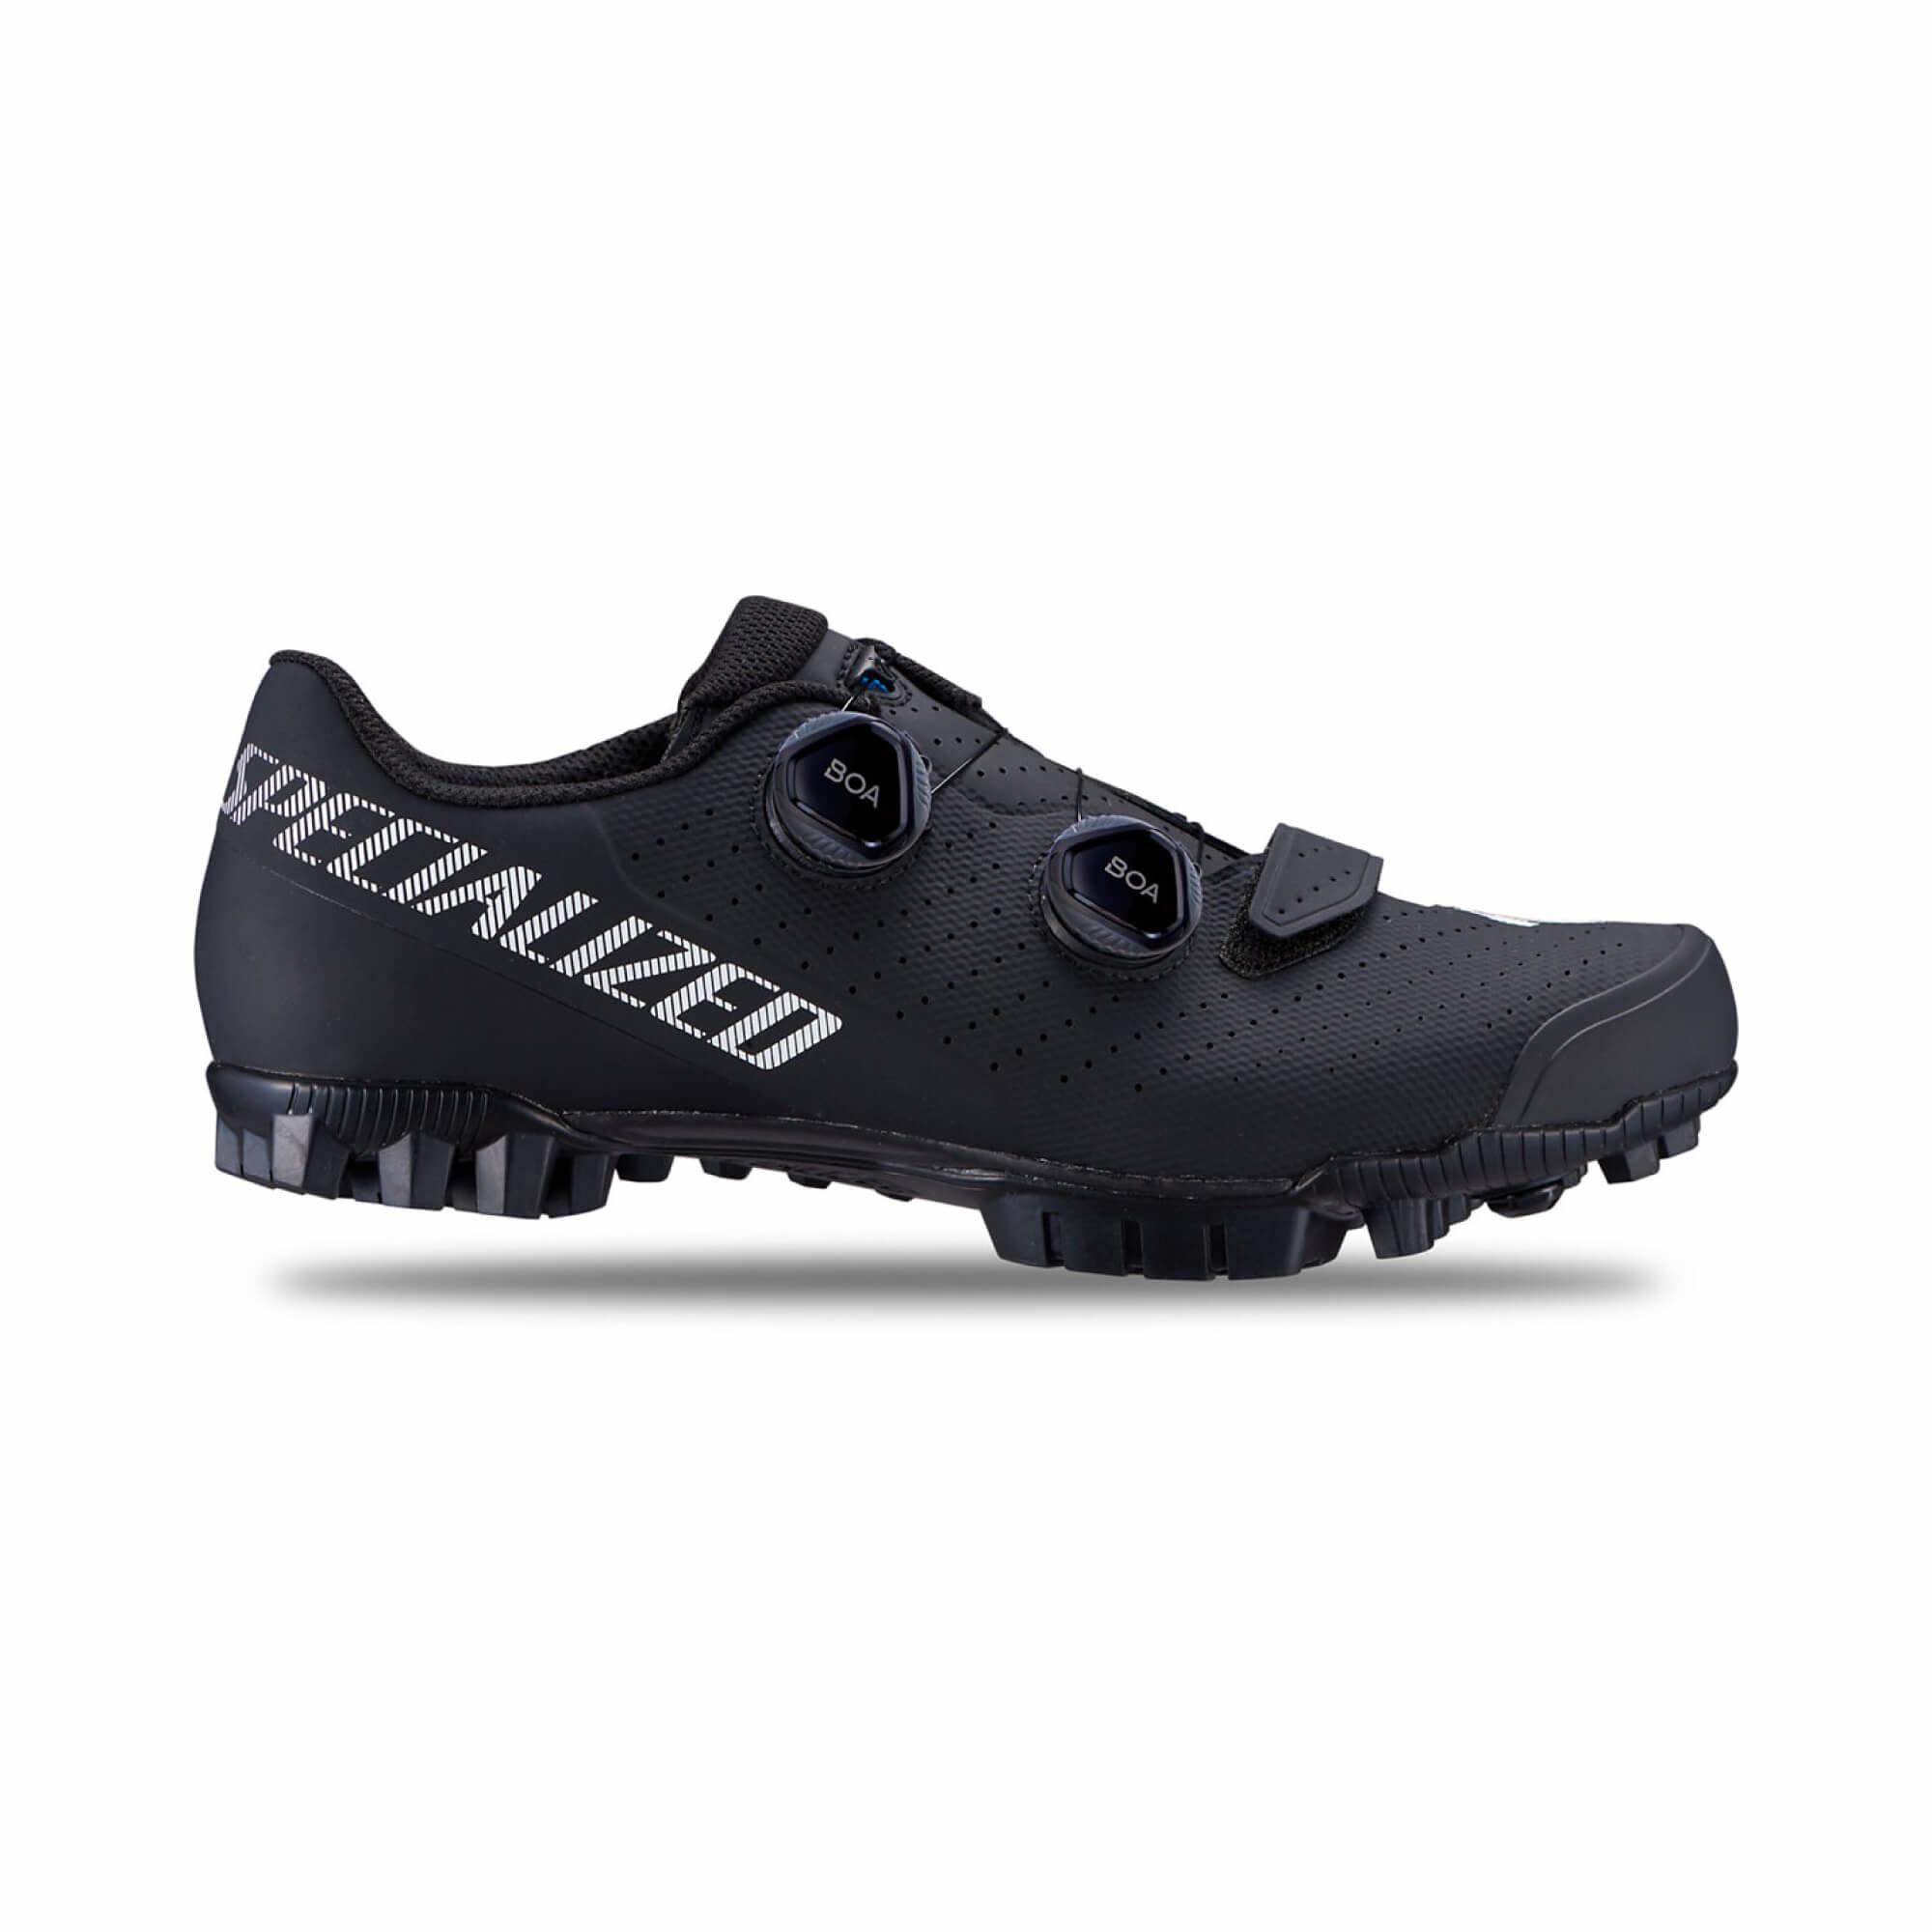 Recon 3.0 Mountain Bike Shoes-7